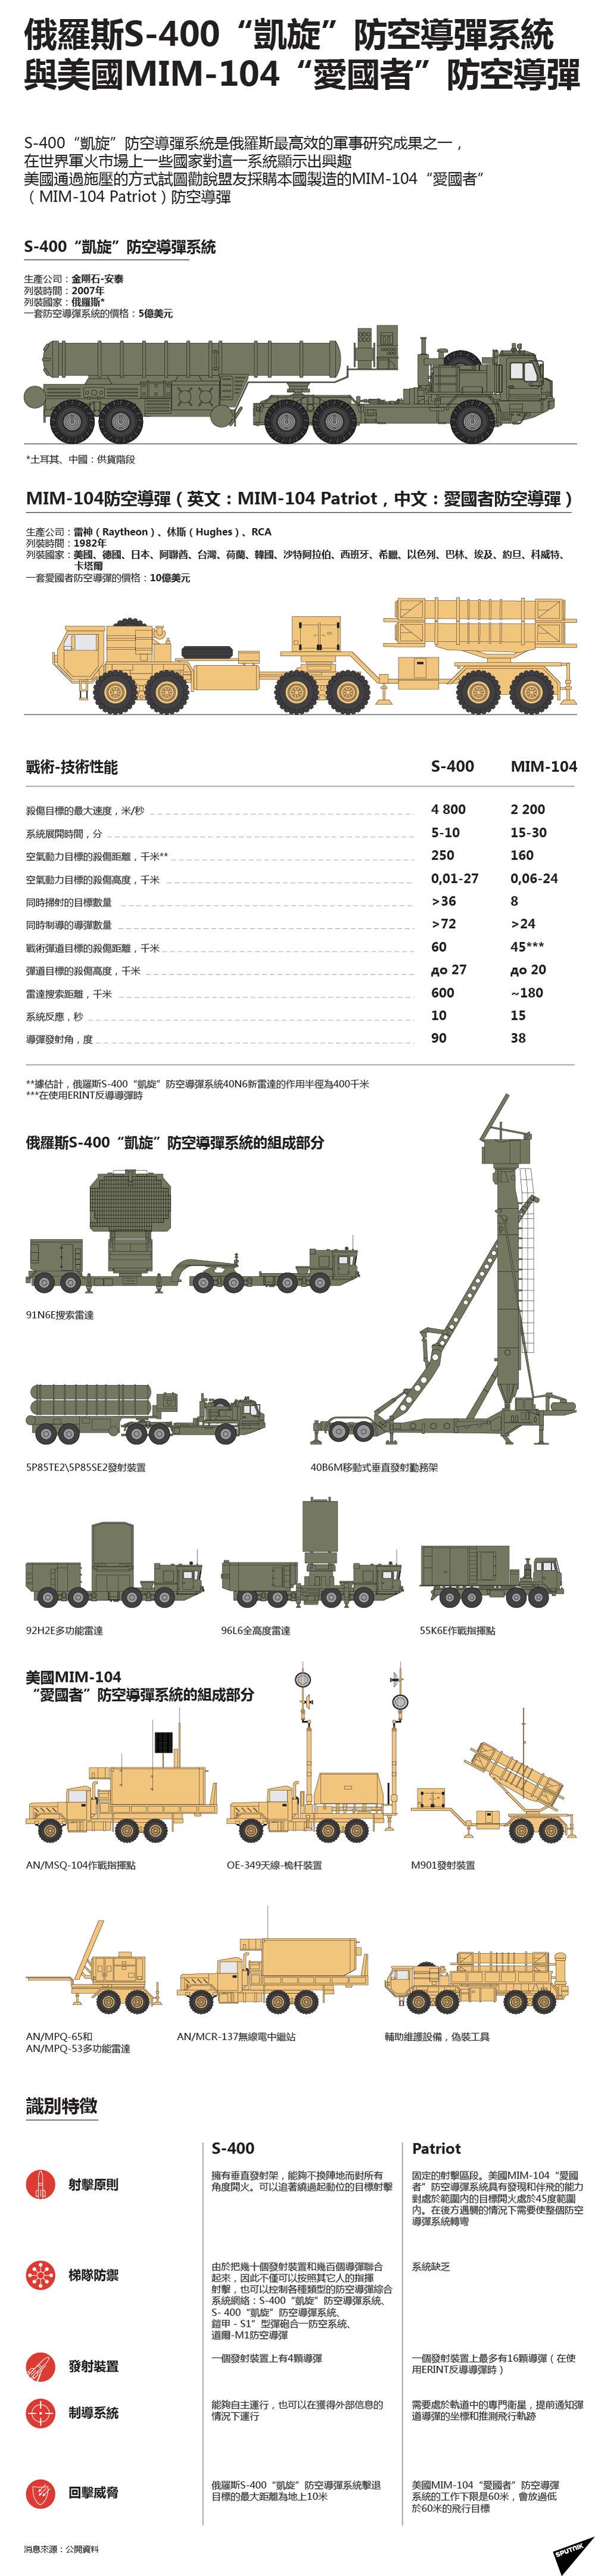 俄羅斯S-400「凱旋」防空導彈系統 與美國MIM-104「愛國者」防空導彈